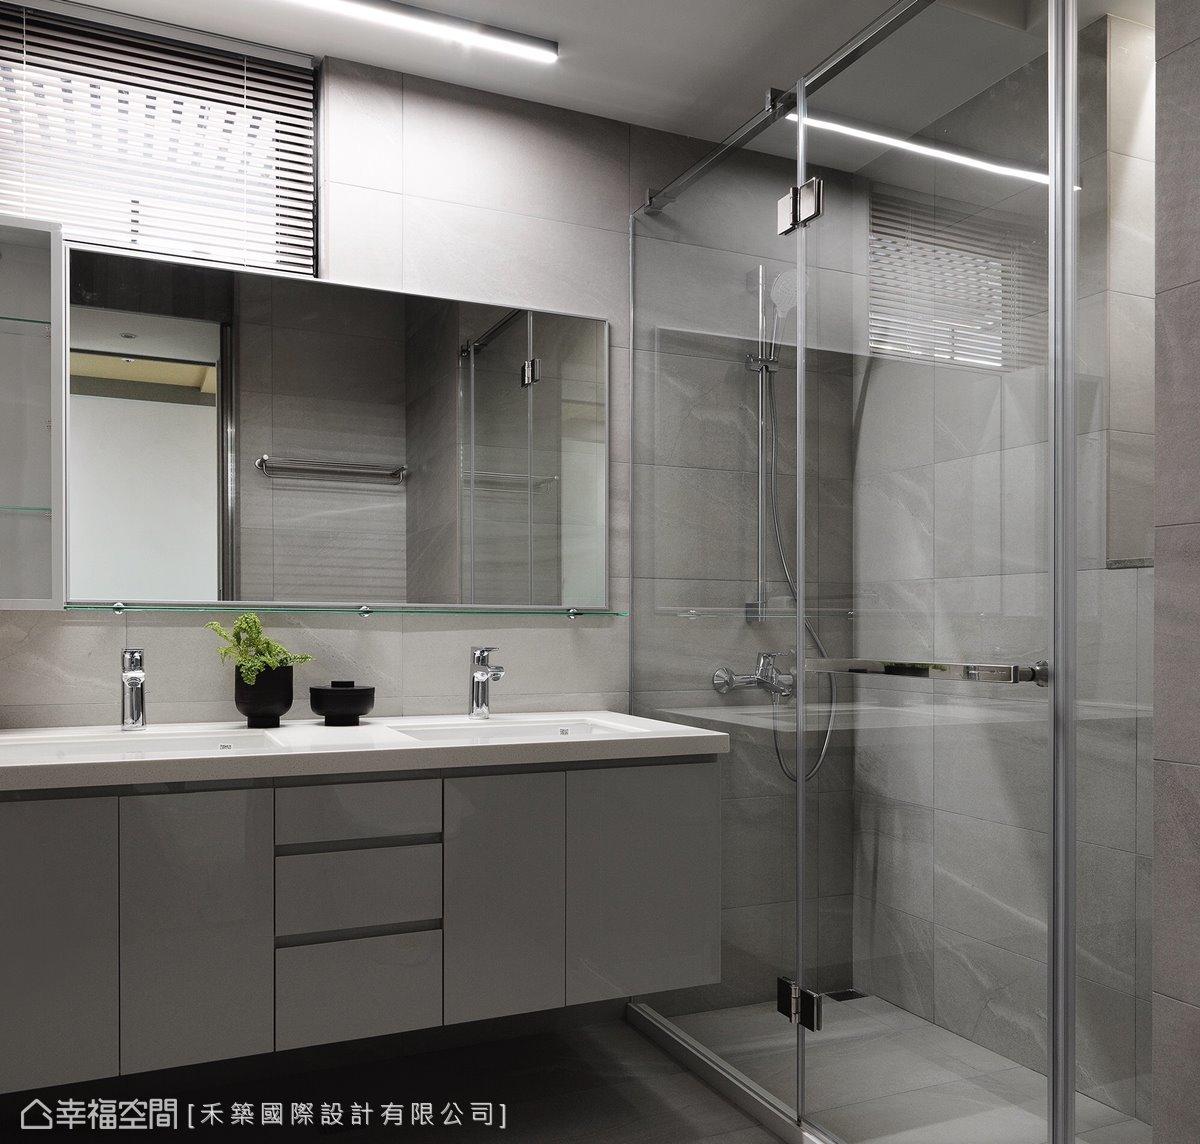 取消一間衛浴,擴展現有客衛浴空間,並規劃備品櫃、雙洗手台以供兩姊妹同時使用,提升彼此親密感。